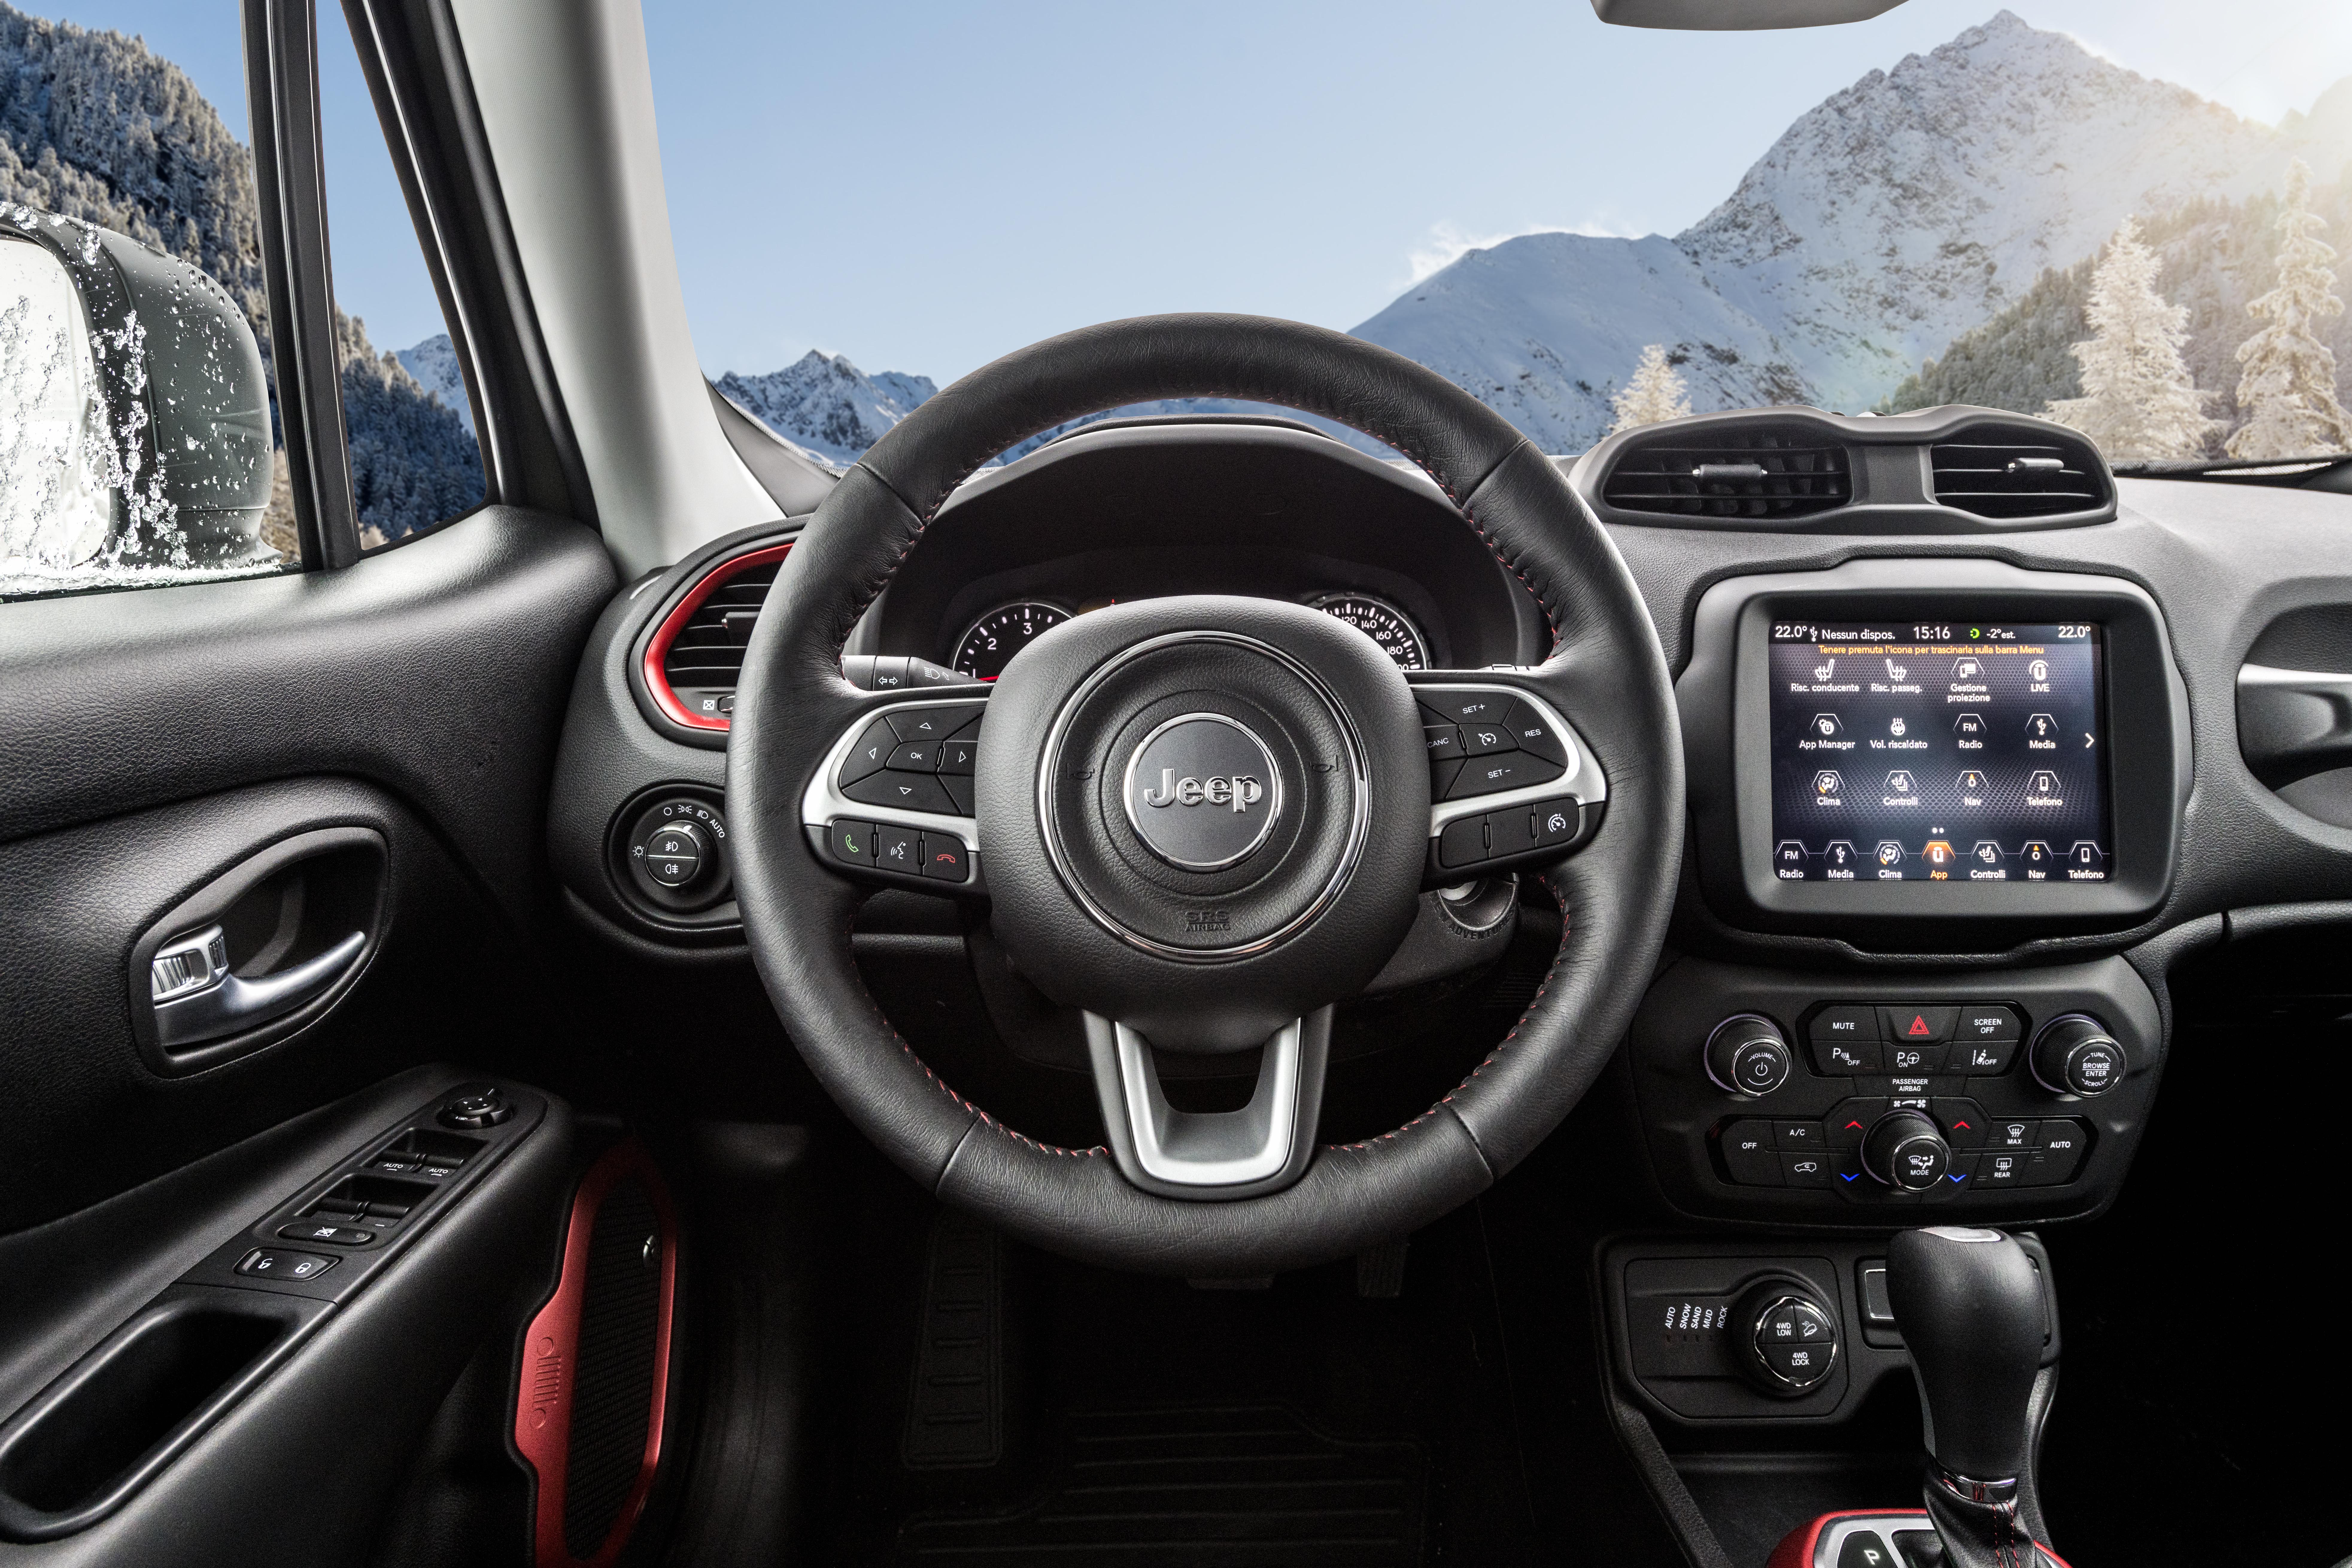 180129_Jeep_Renegade-my18_04 Noul Jeep Renegade 2019 a fost dezvaluit la Salonul Auto de la Torino